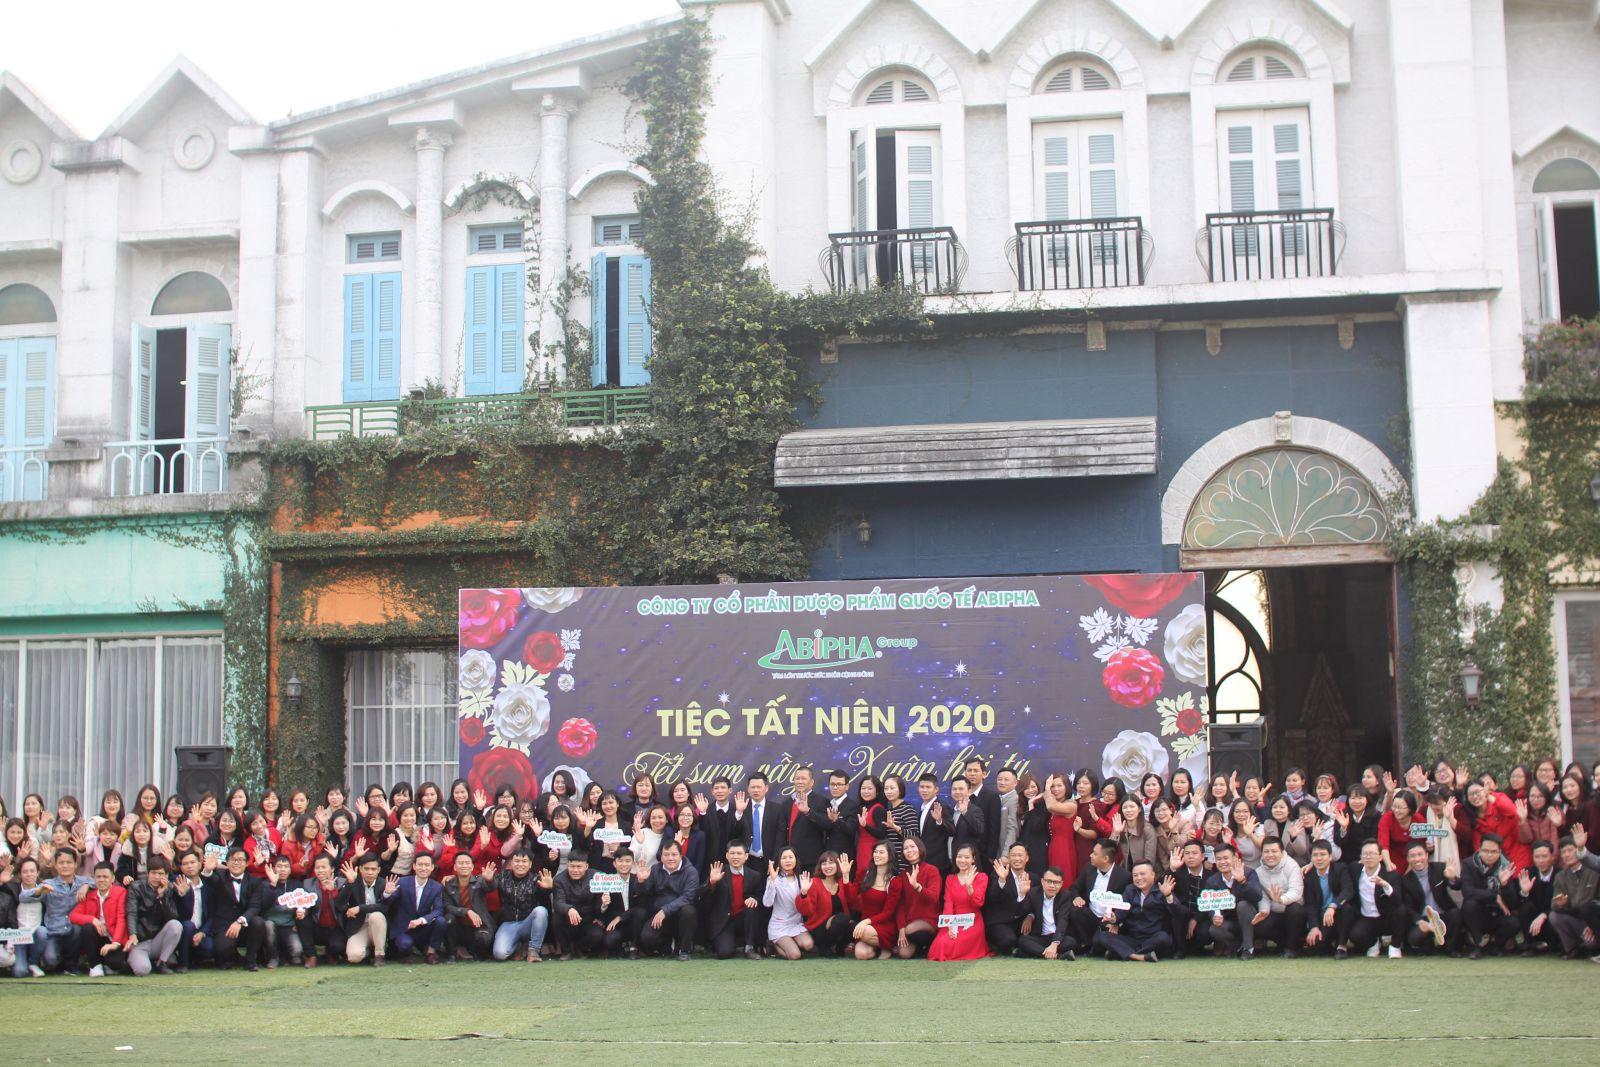 Abipha Group long trọng tổ chức lễ tổng kết hoạt động sản xuất kinh doanh năm 2020